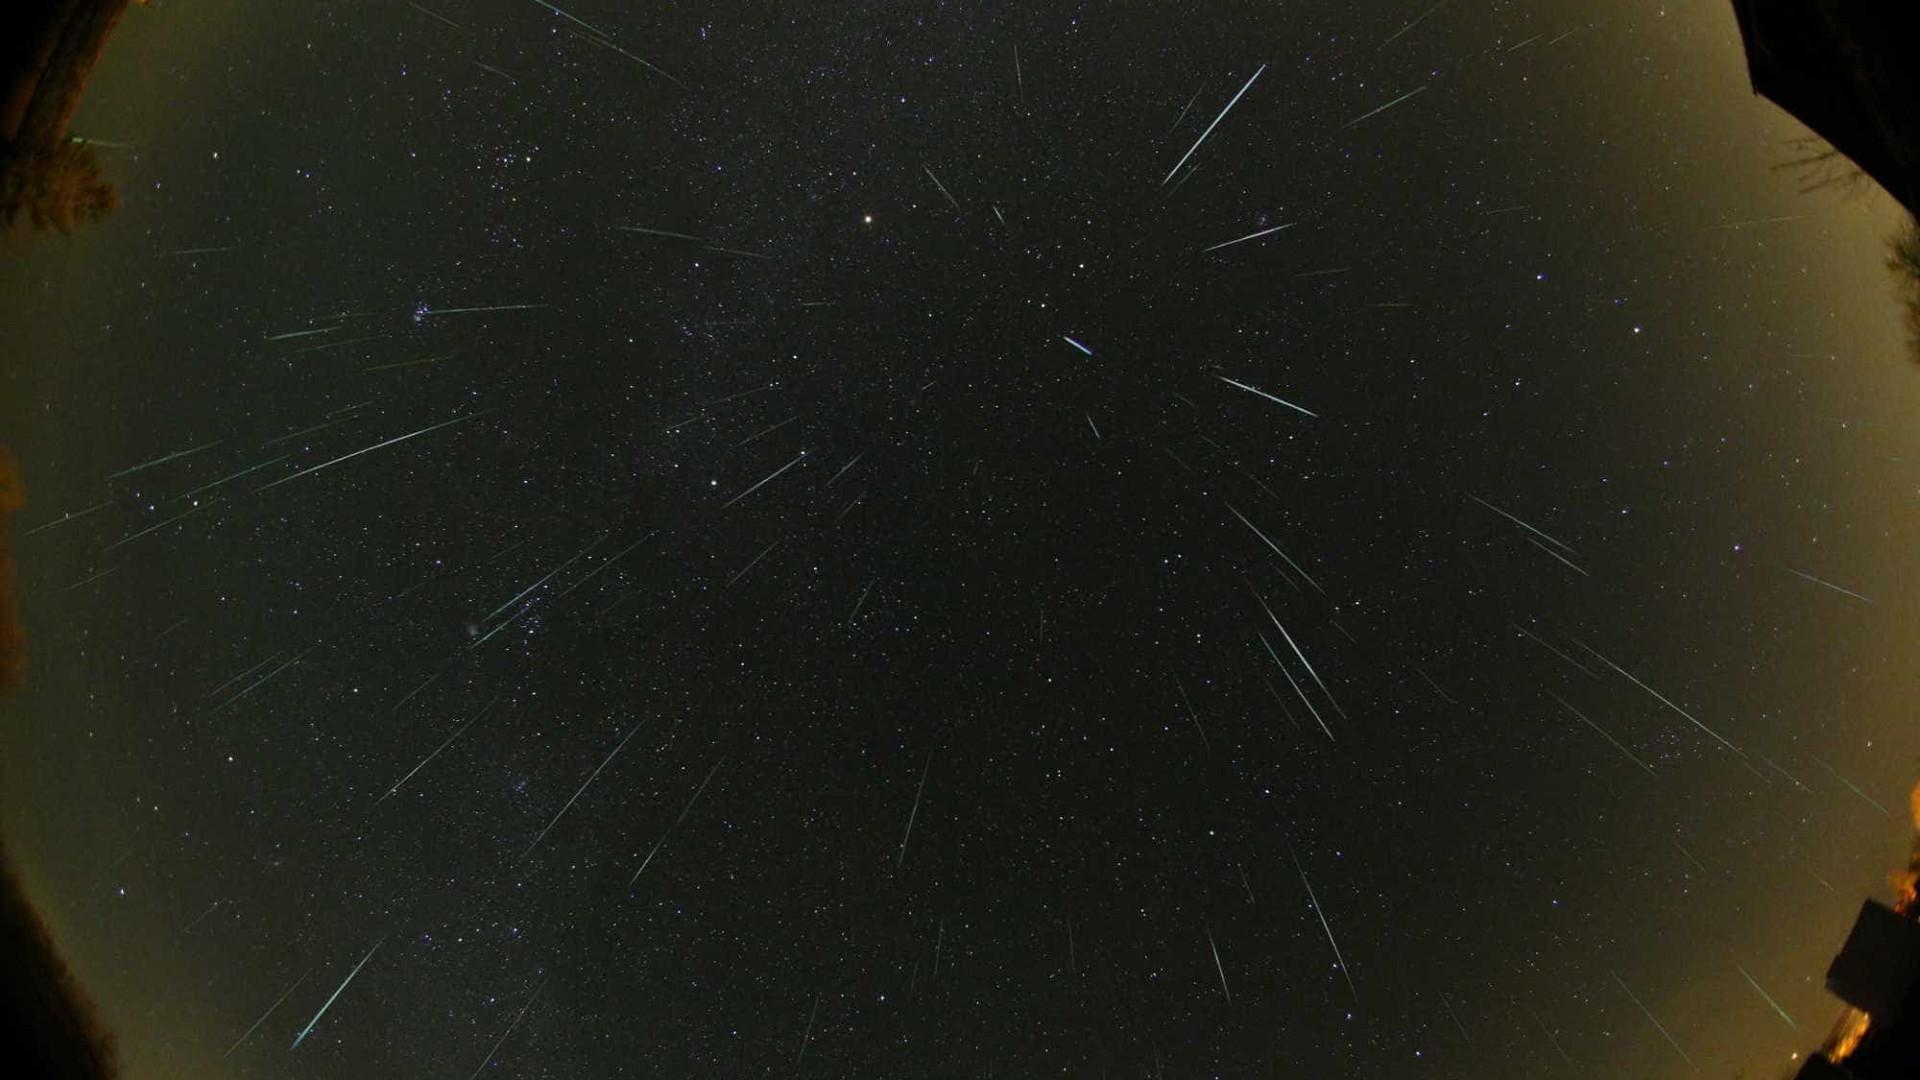 Melhor chuva de meteoros do ano será nesta semana; saiba como vê-la